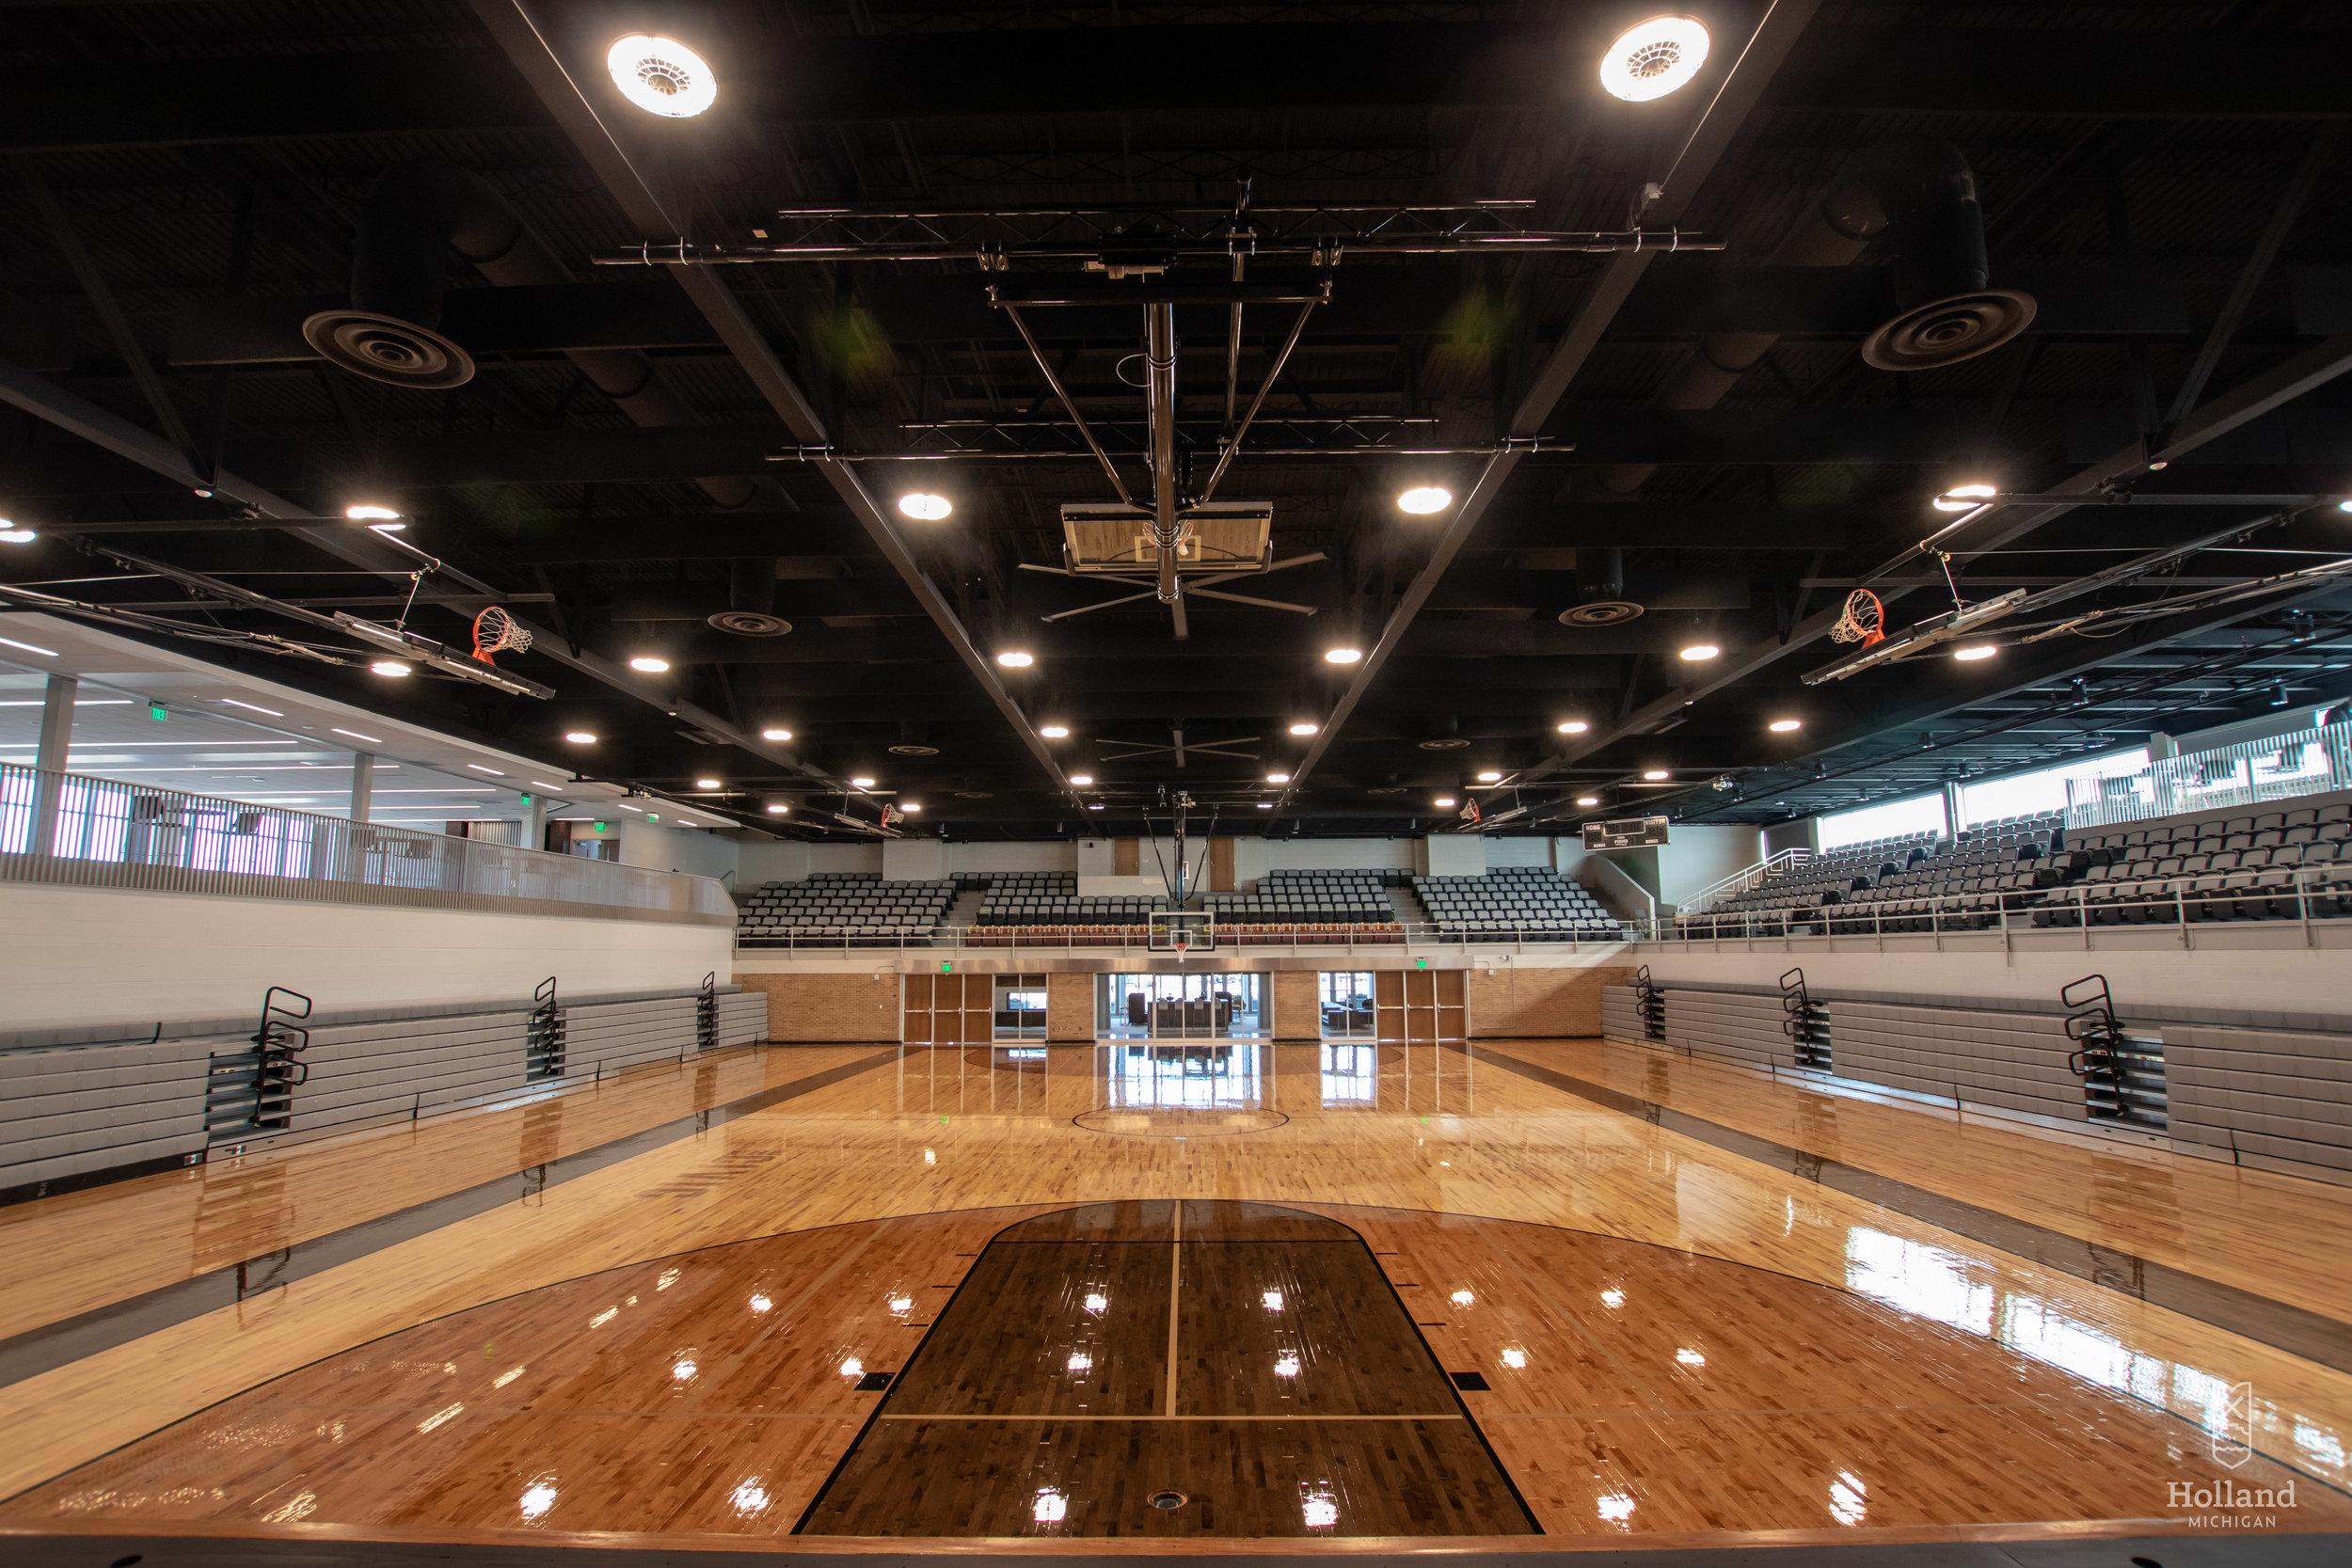 civic gym floor-10.jpg